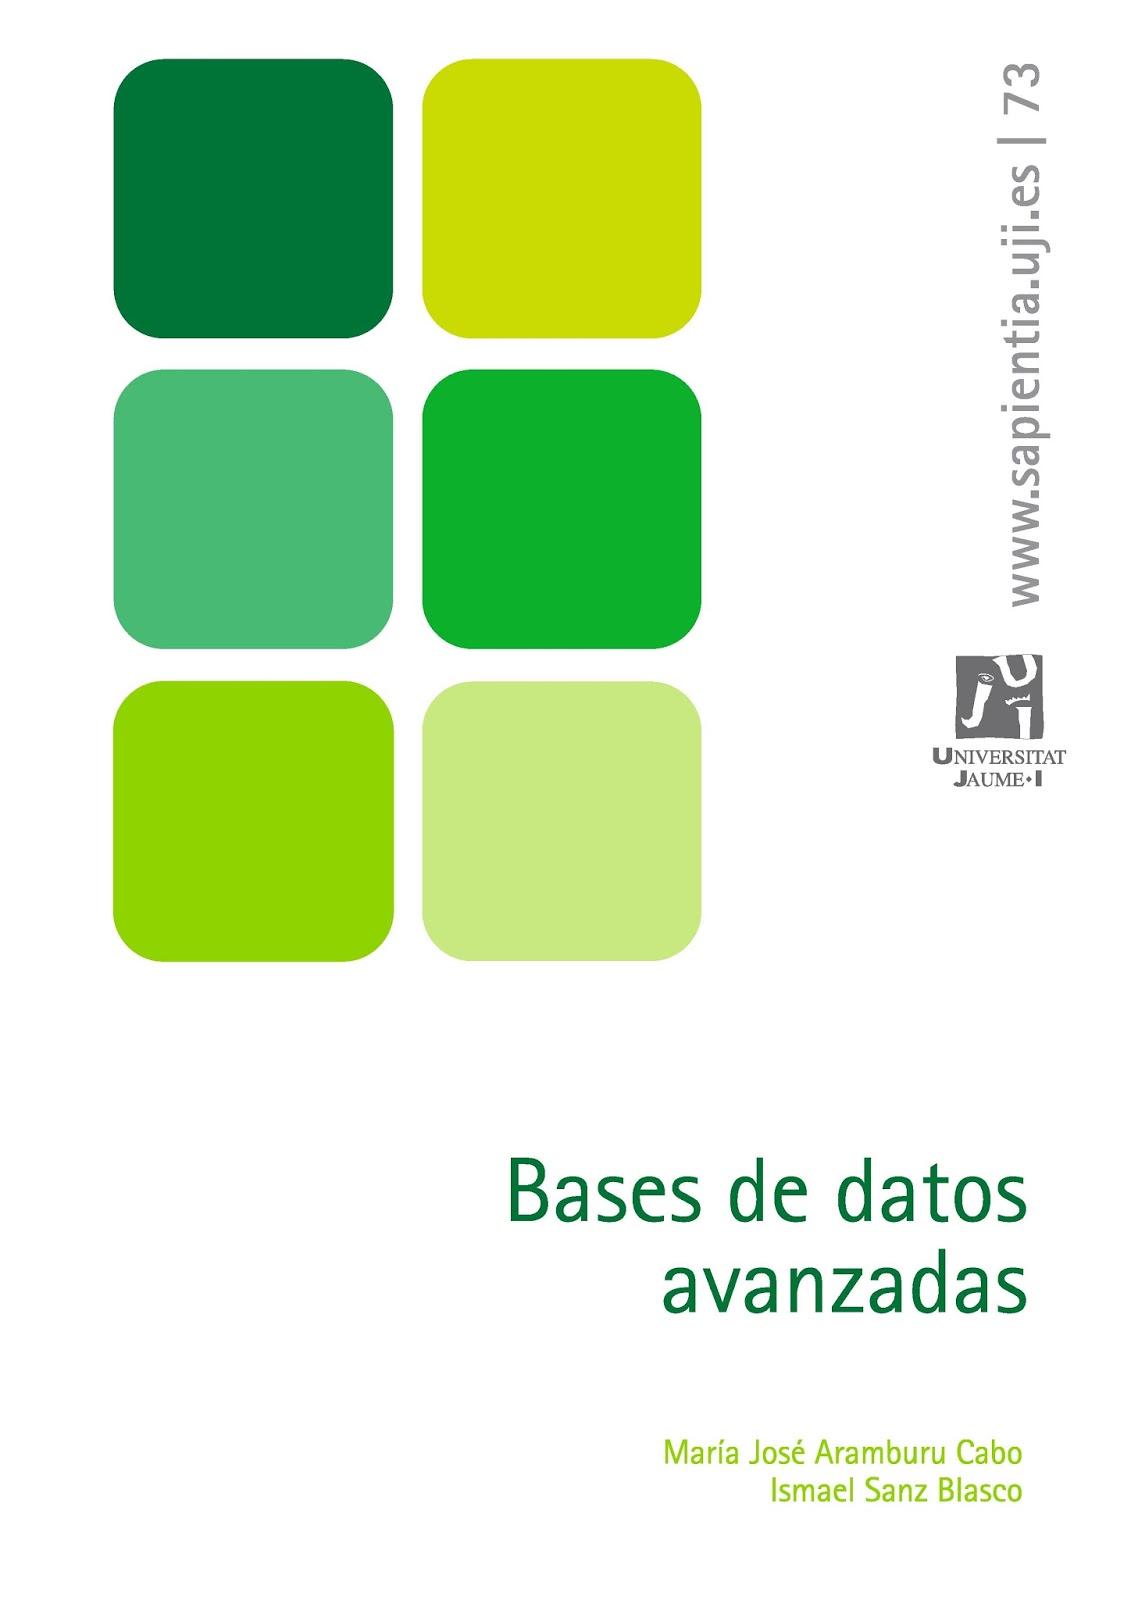 Bases de datos avanzadas